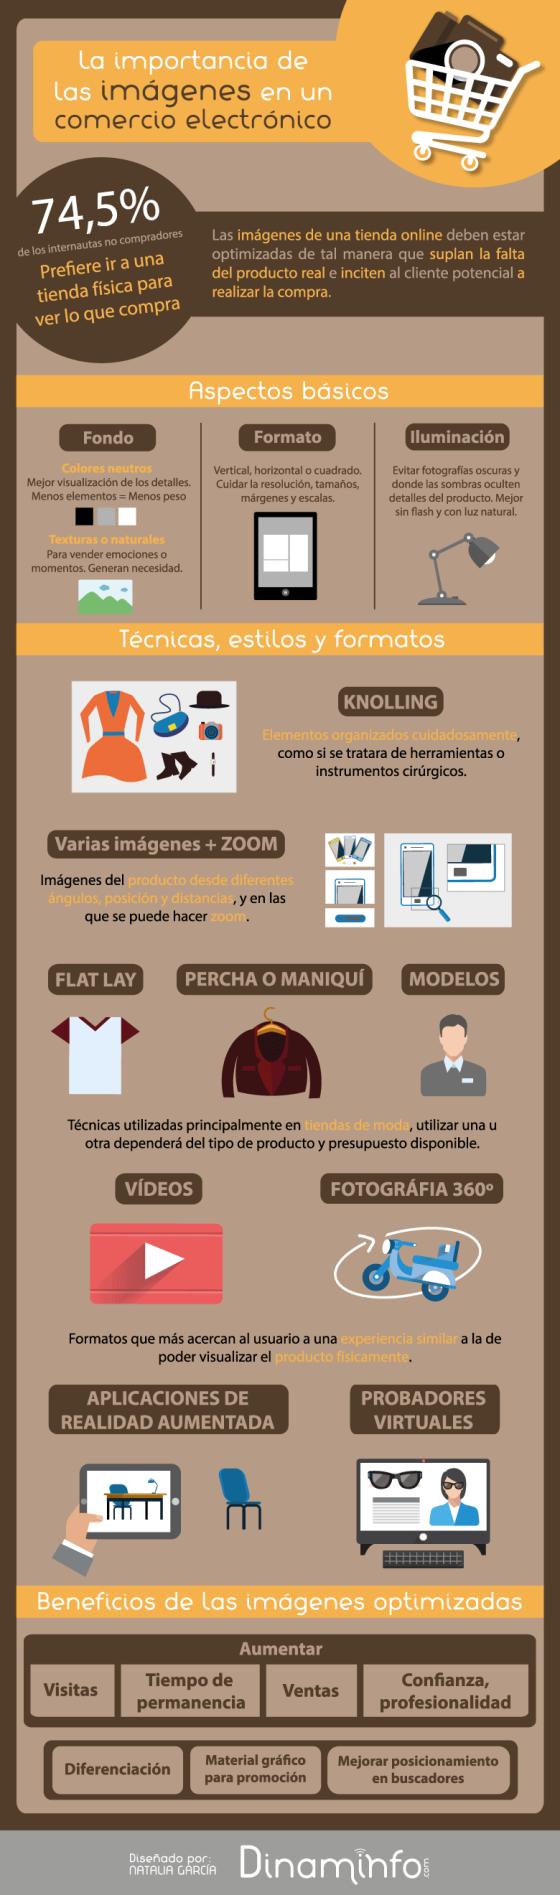 La importancia de las imágenes en Comercio Electrónico